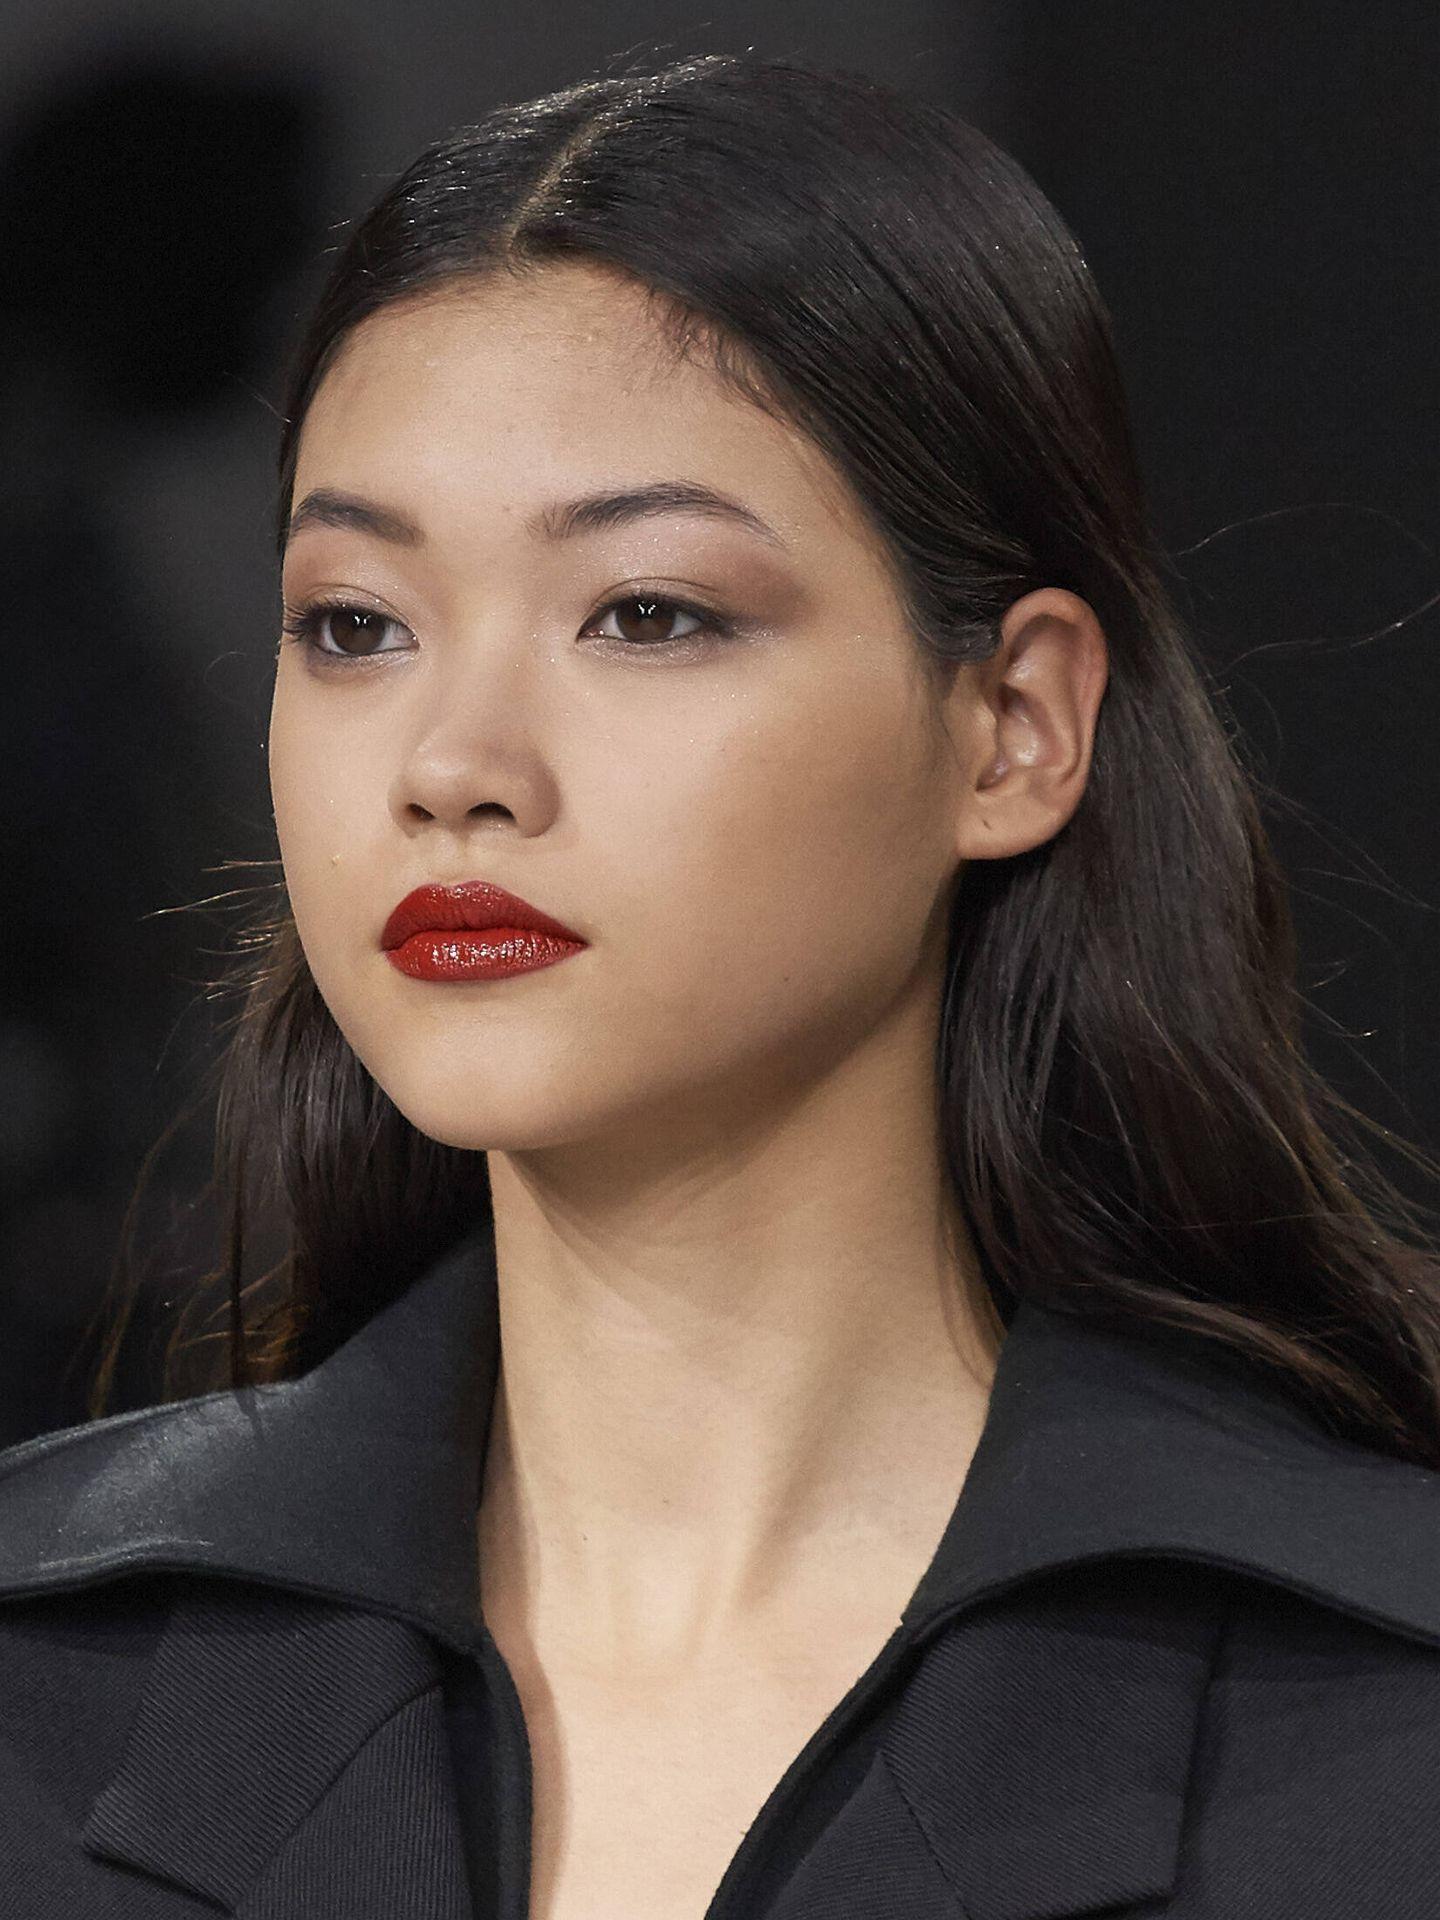 Las sombras de ojos líquidas permiten utilizar menos productos para conseguir un maquillaje menos marcado pero más luminoso. (Imaxtree)